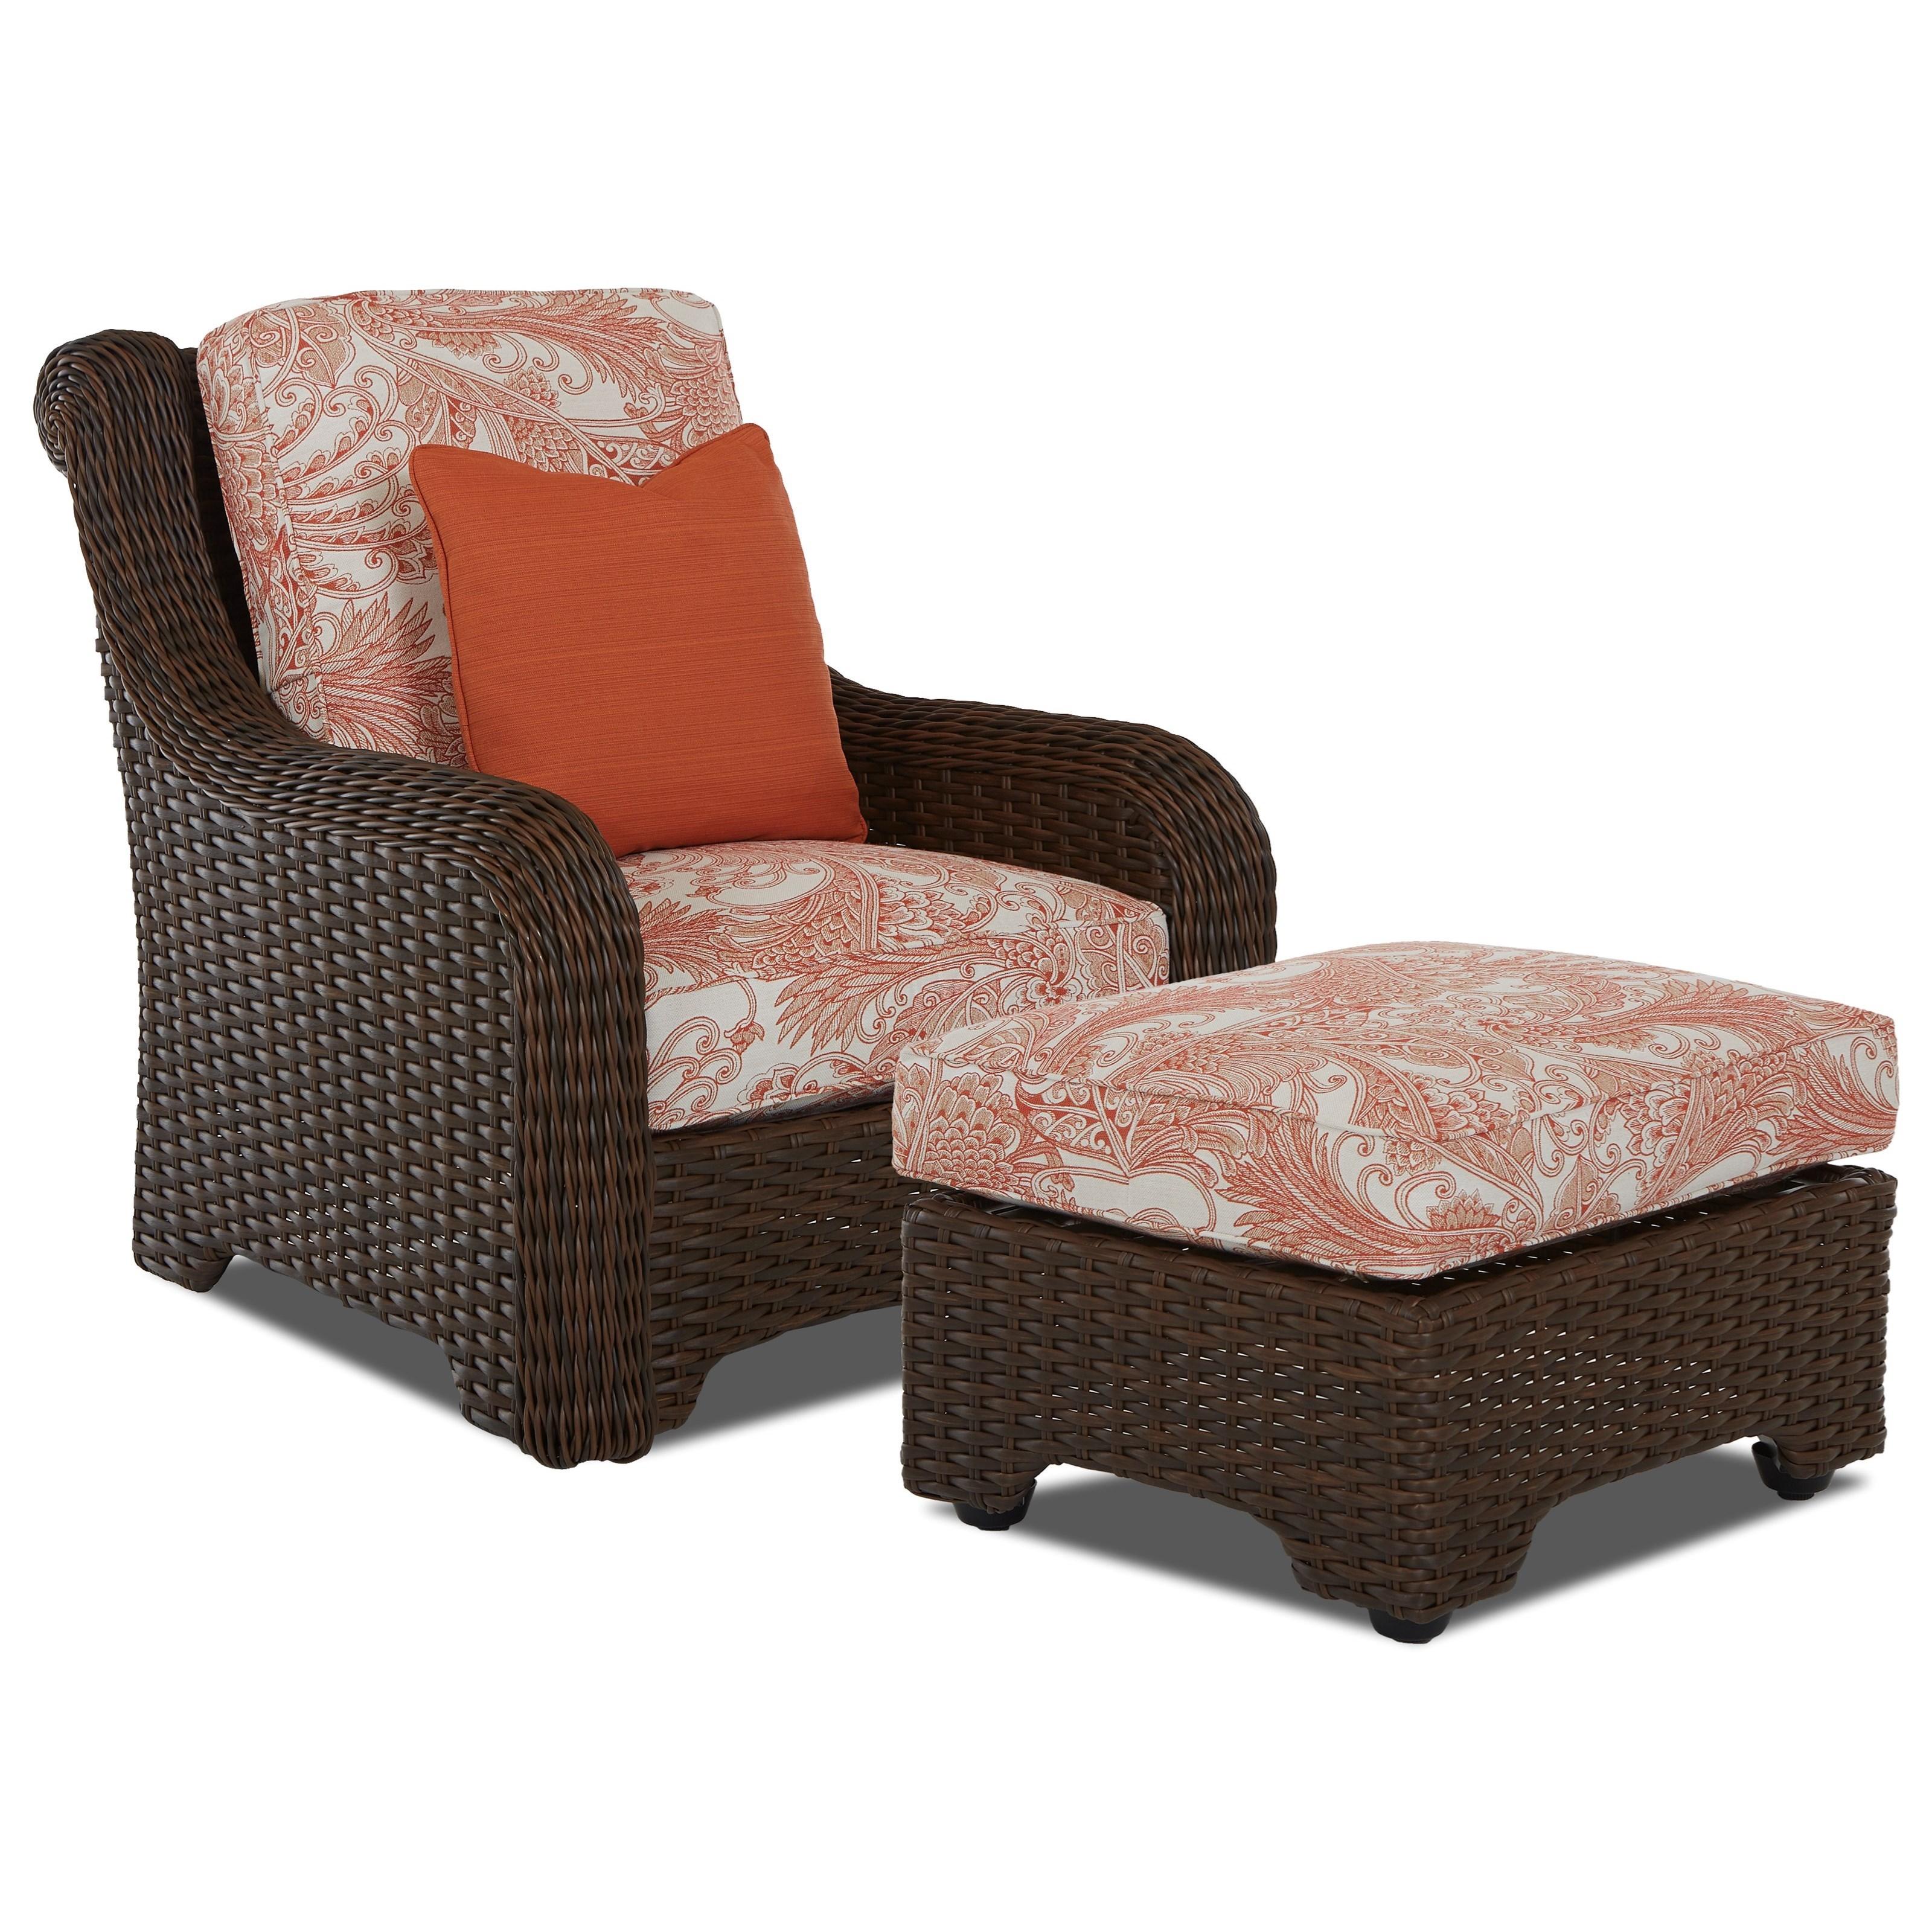 Klaussner Outdoor LaurelOutdoor Chair U0026 Ottoman Set ...